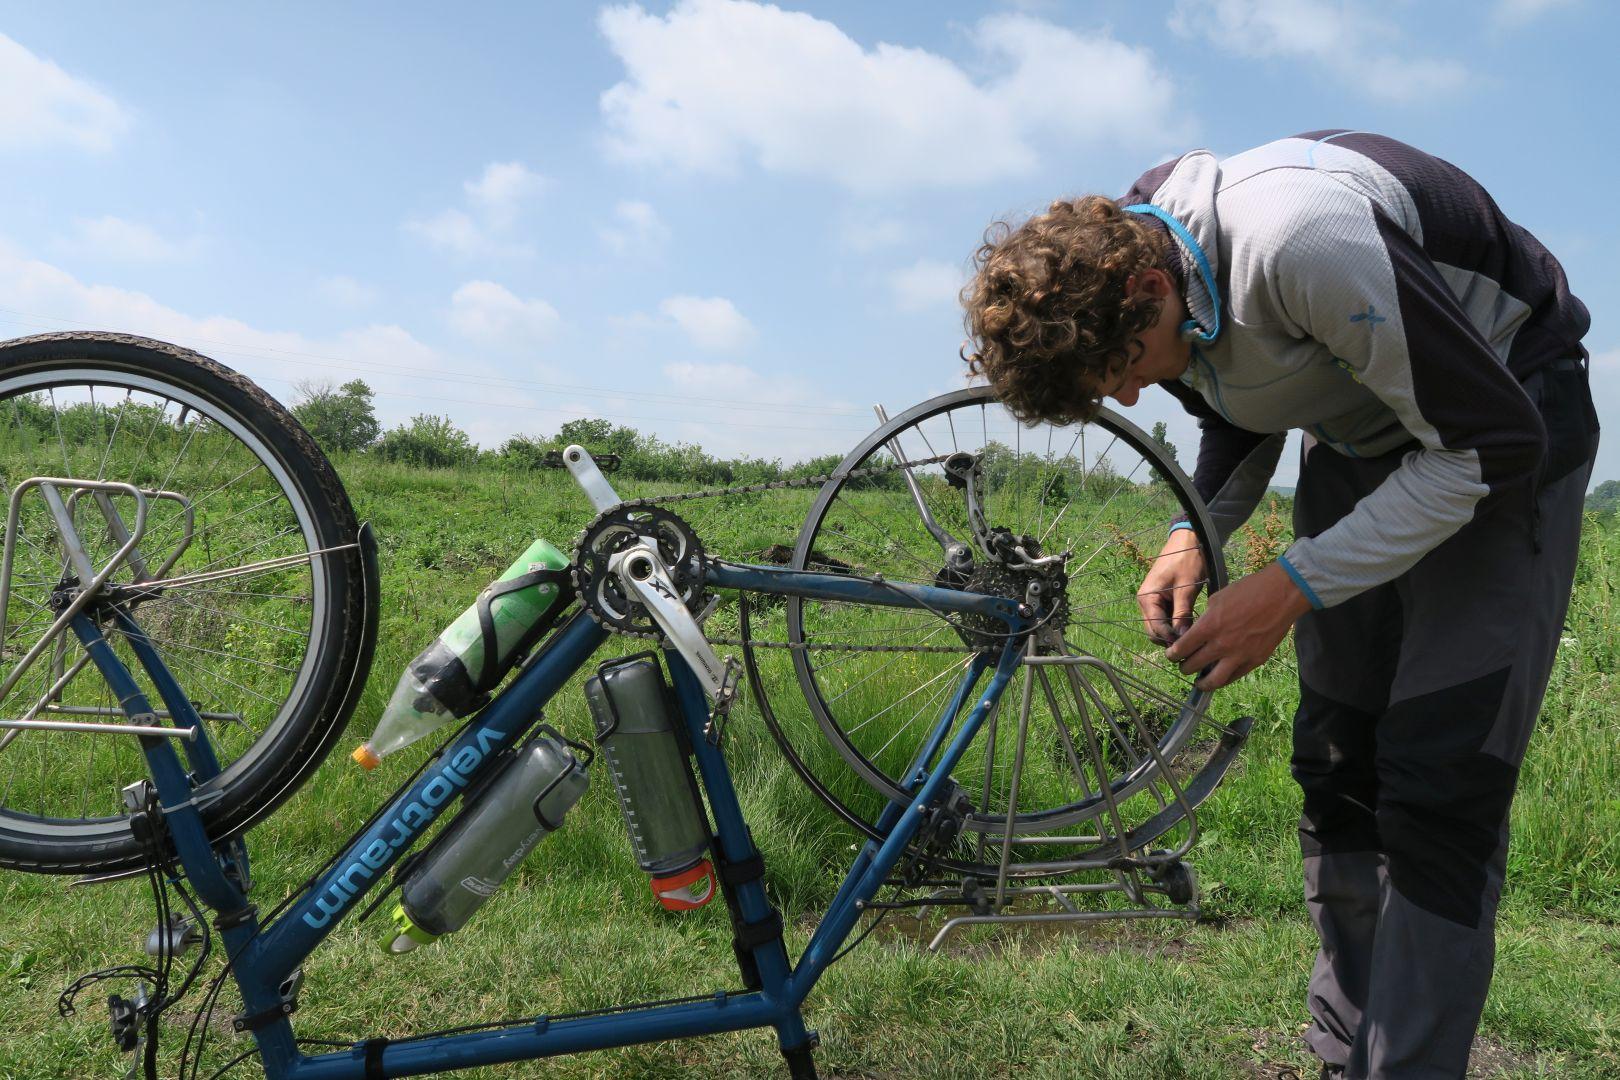 Speiche am Hinterrad bei Schlammschlacht gerissen